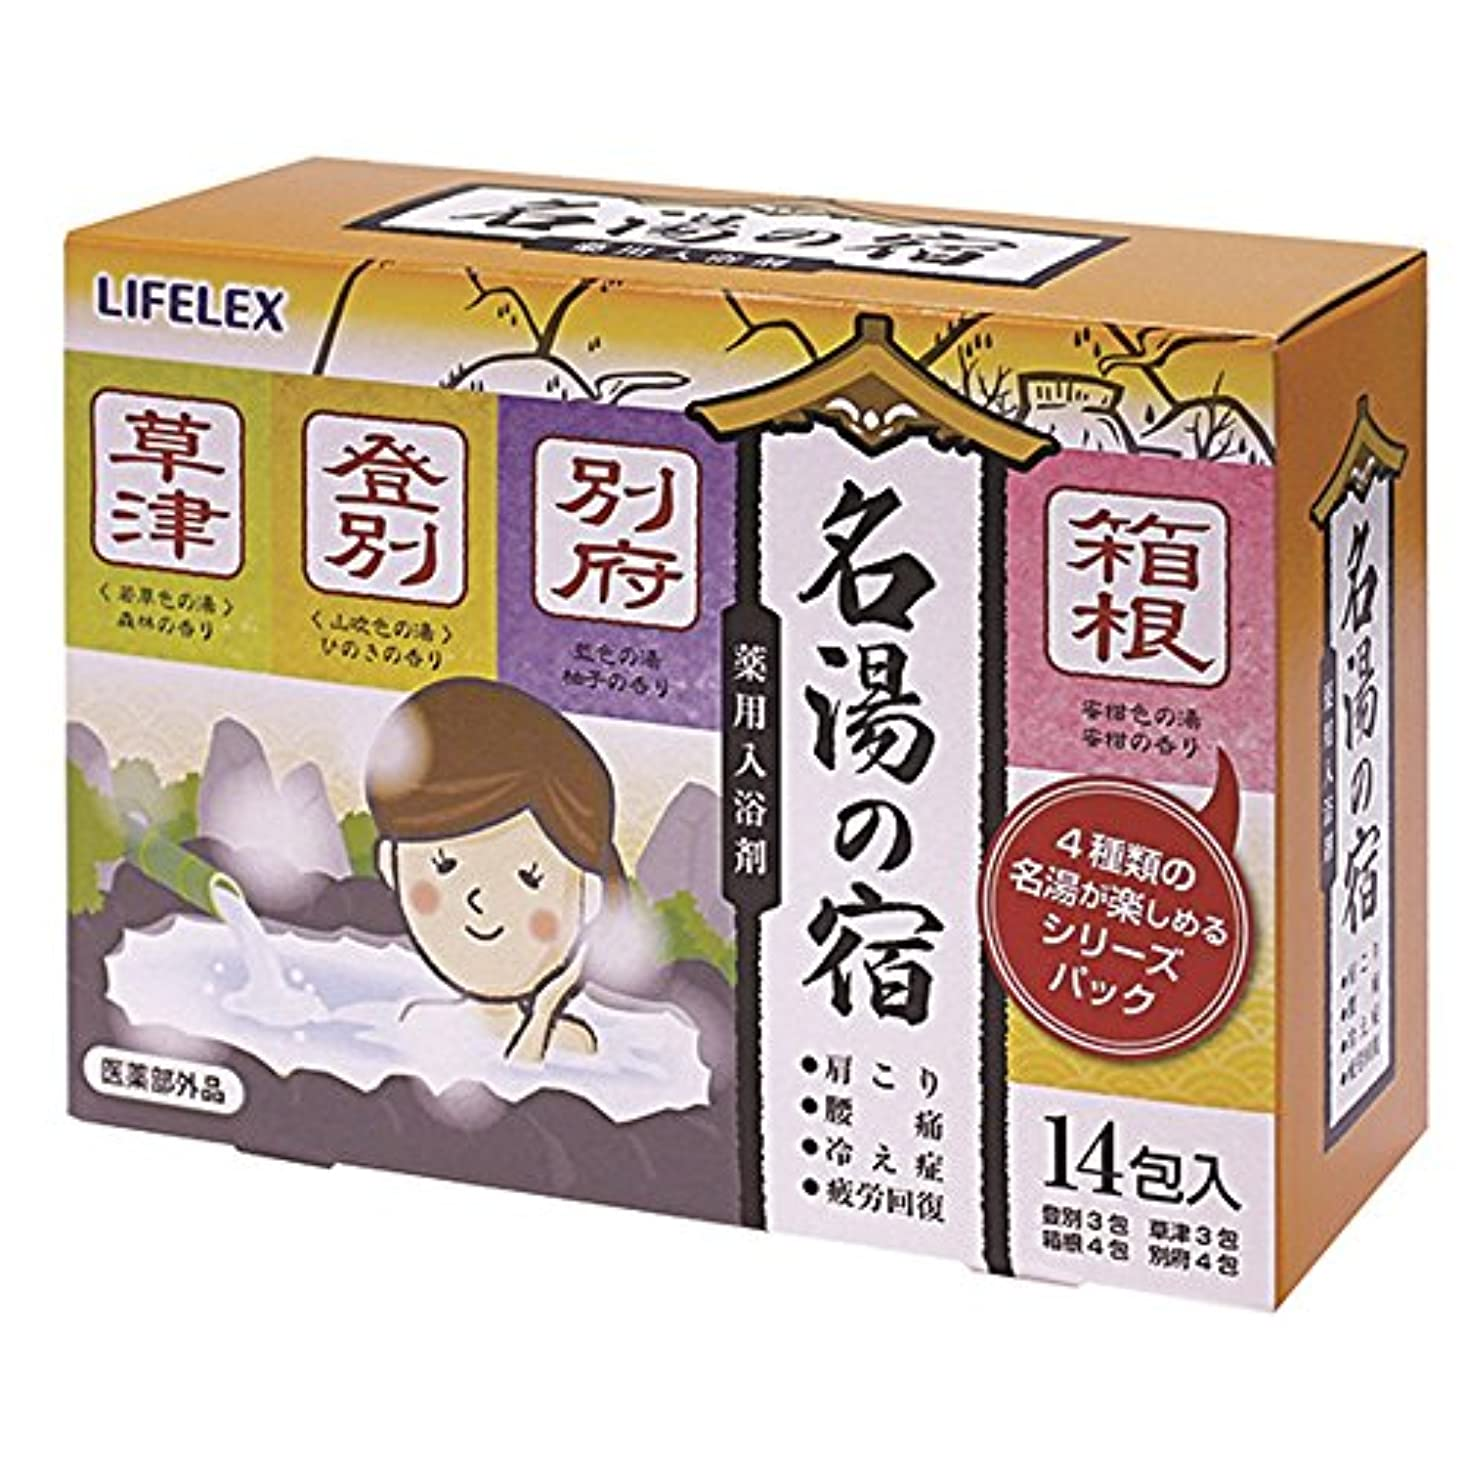 スケジュールアカデミー頭痛コーナン オリジナル LIFELEX 名湯の宿 薬用入浴剤 14包入